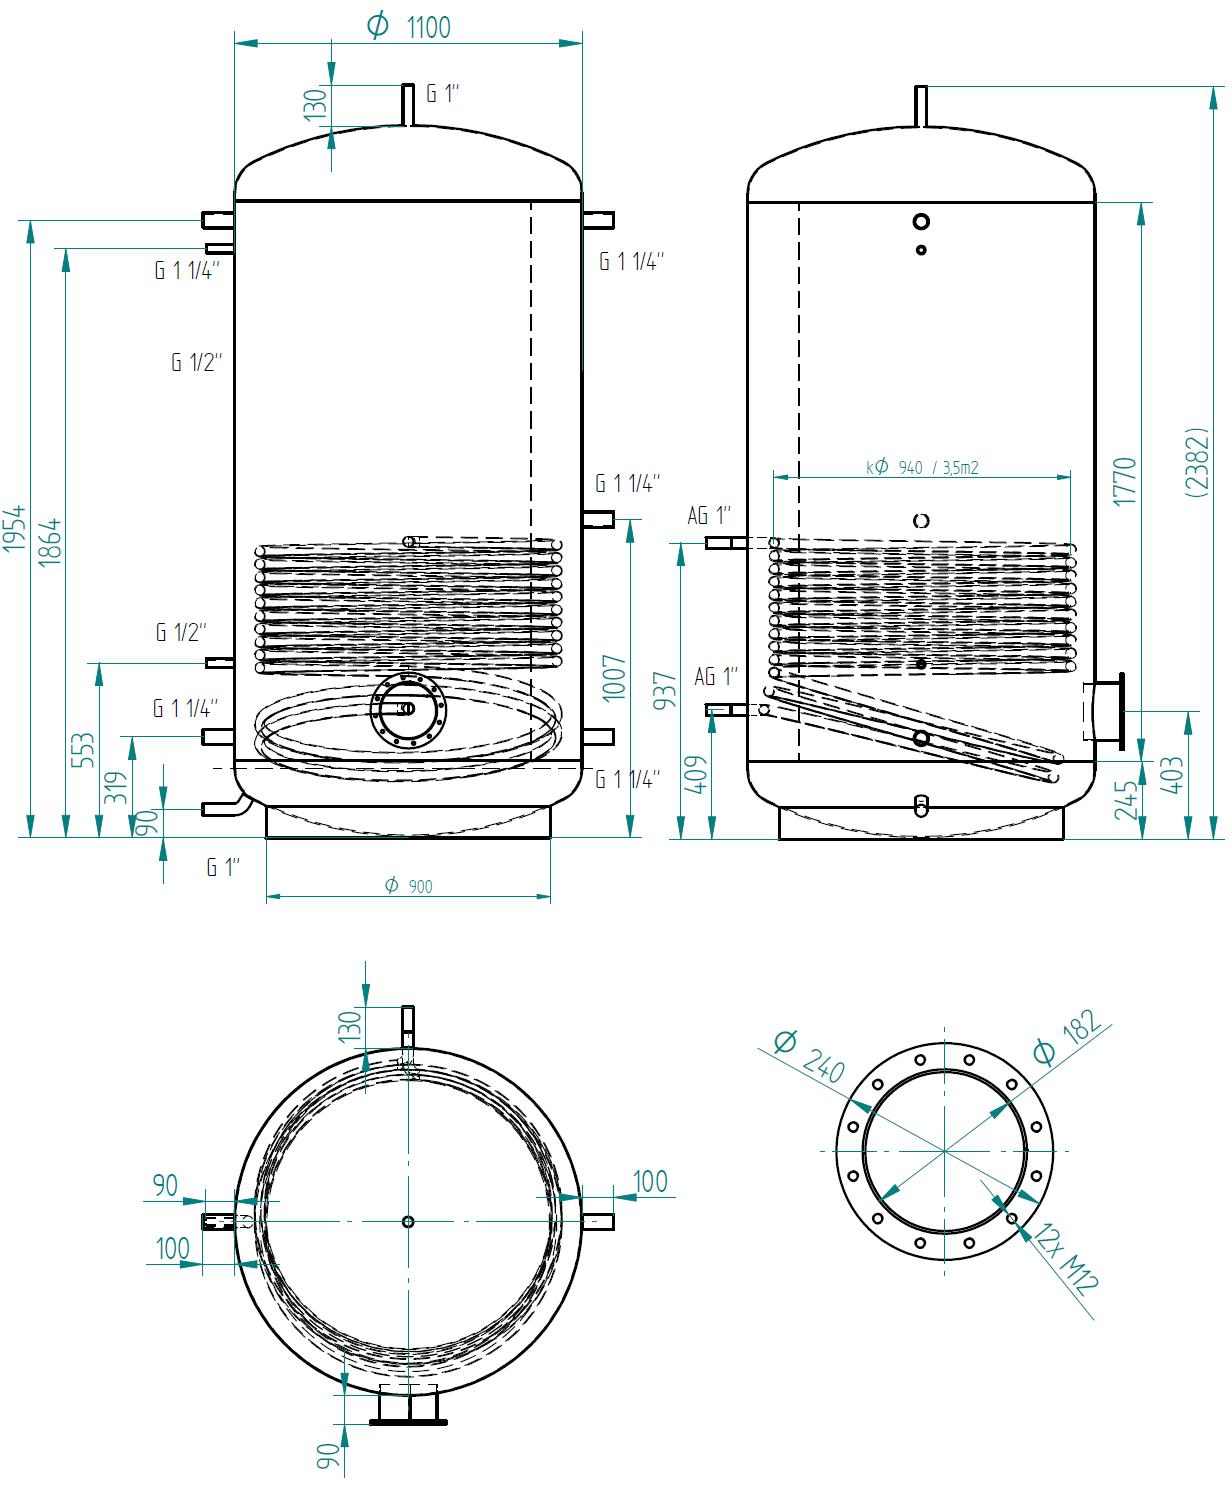 Hot water storage tank 2000l s 1 výměníkem